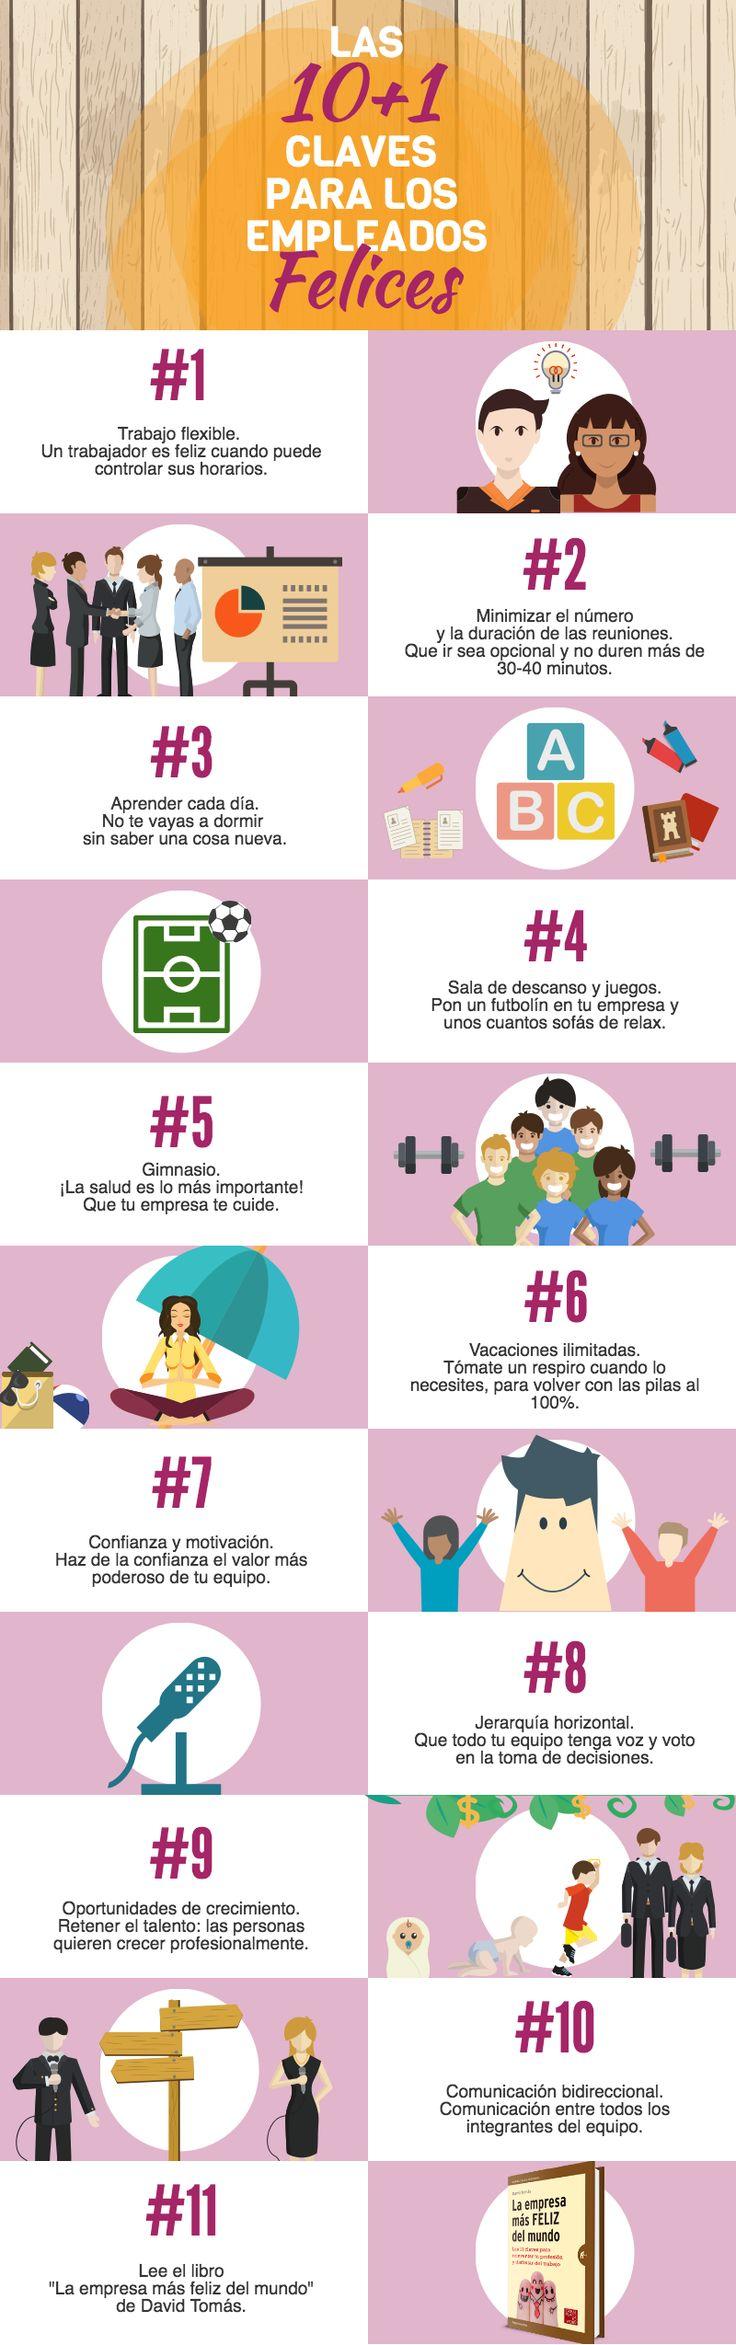 10+1 claves para tener empleados felices #infografia                                                                                                                                                                                 Más